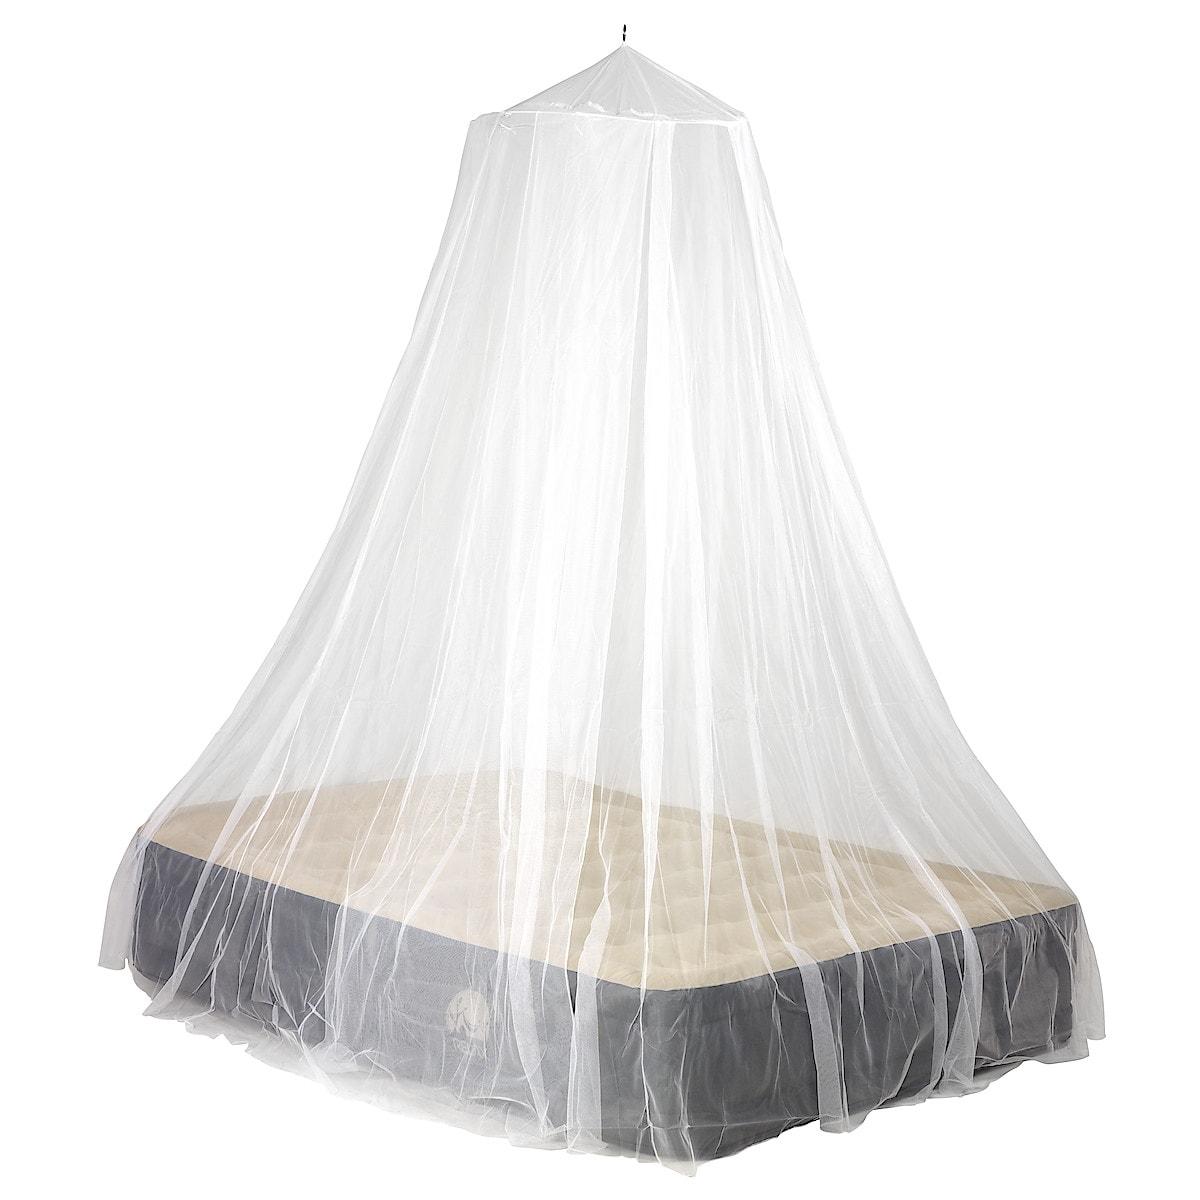 Insektsnät sänghimmel